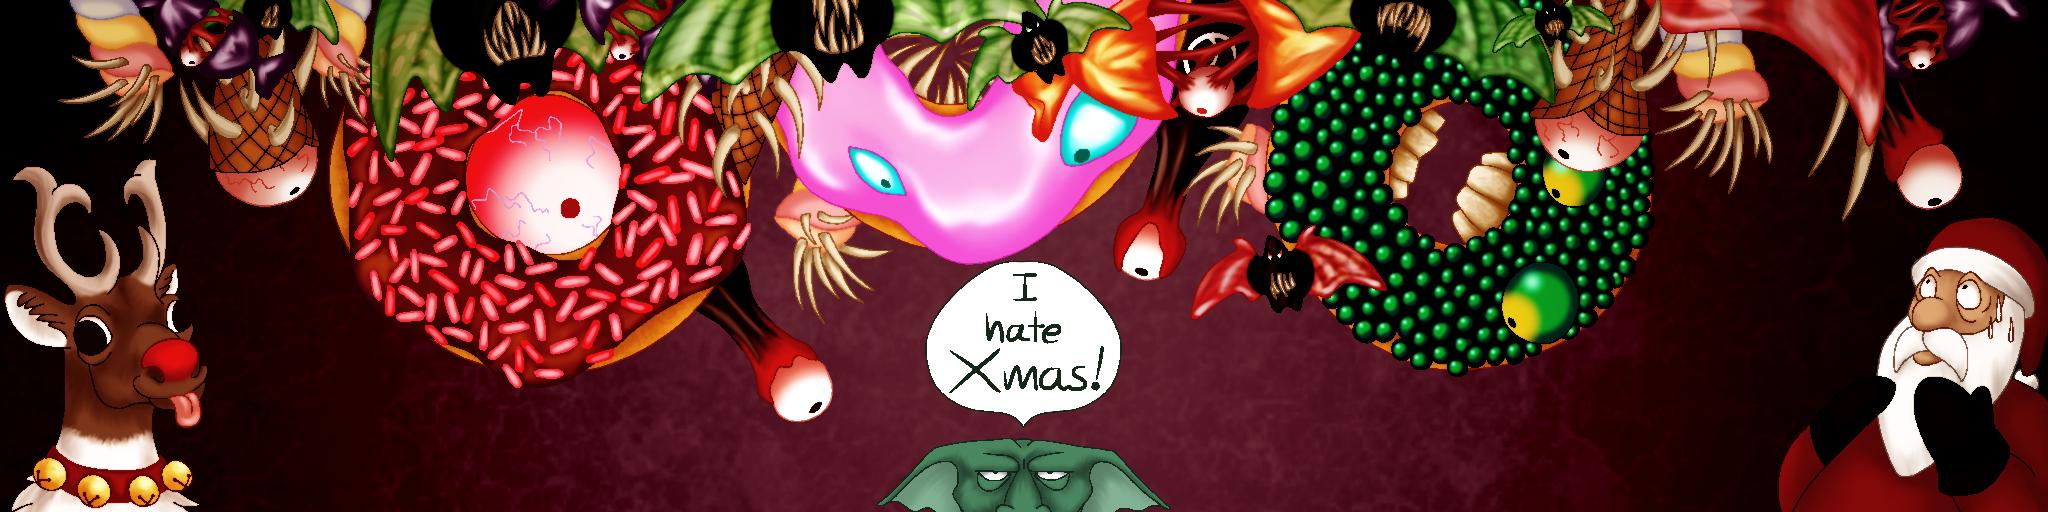 A Goblin's Xmas Tale (beta)